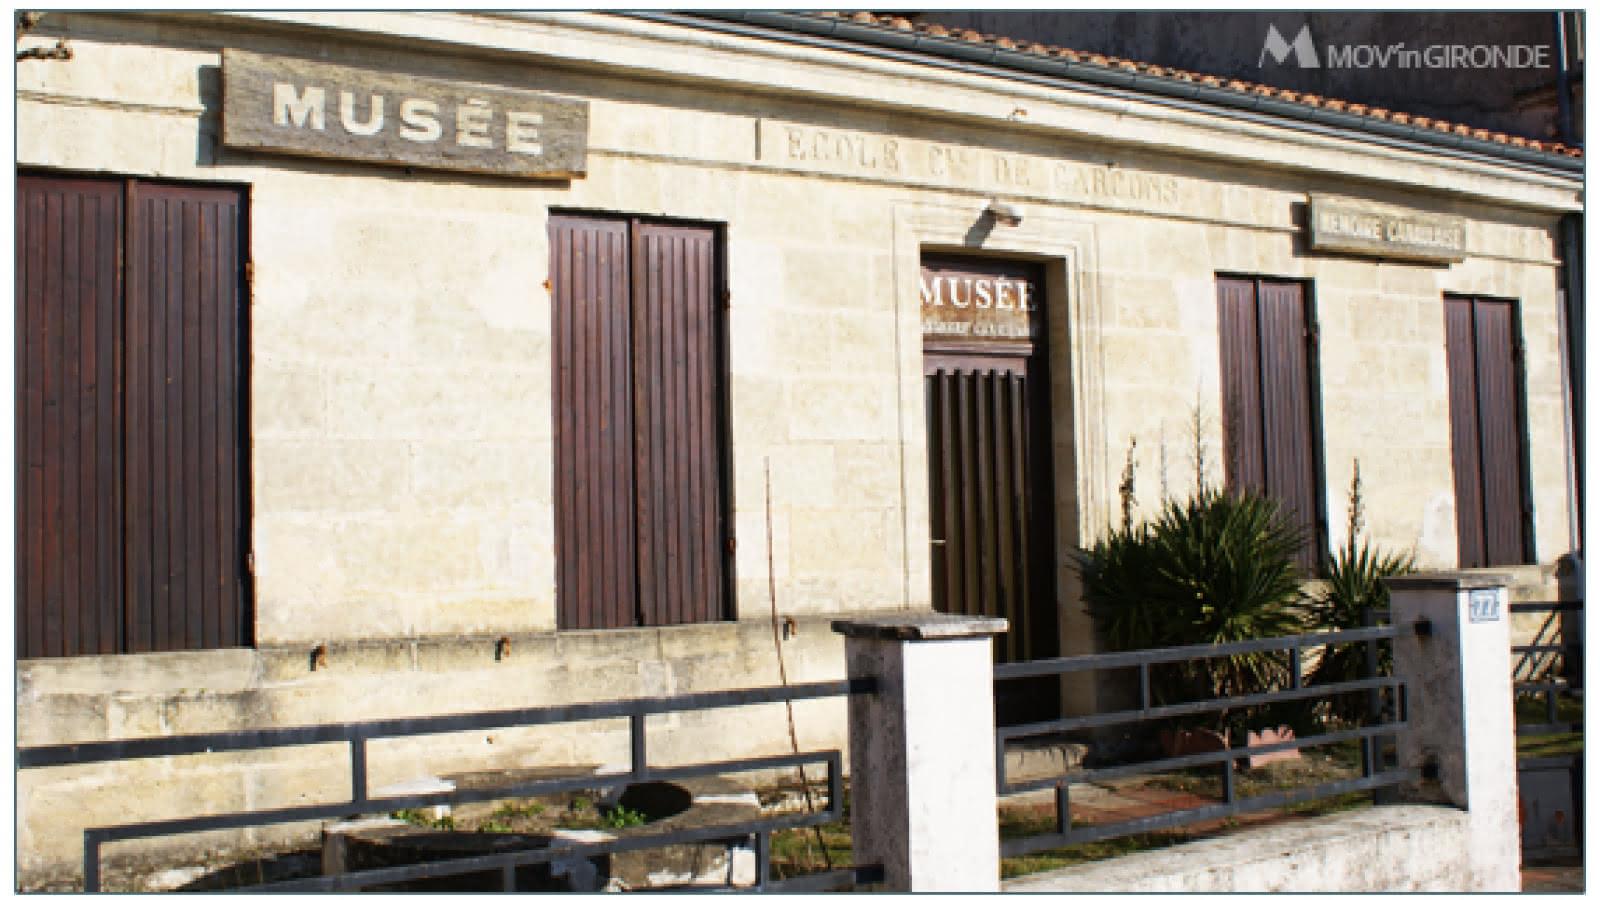 Musée Mémoire Canaulaise